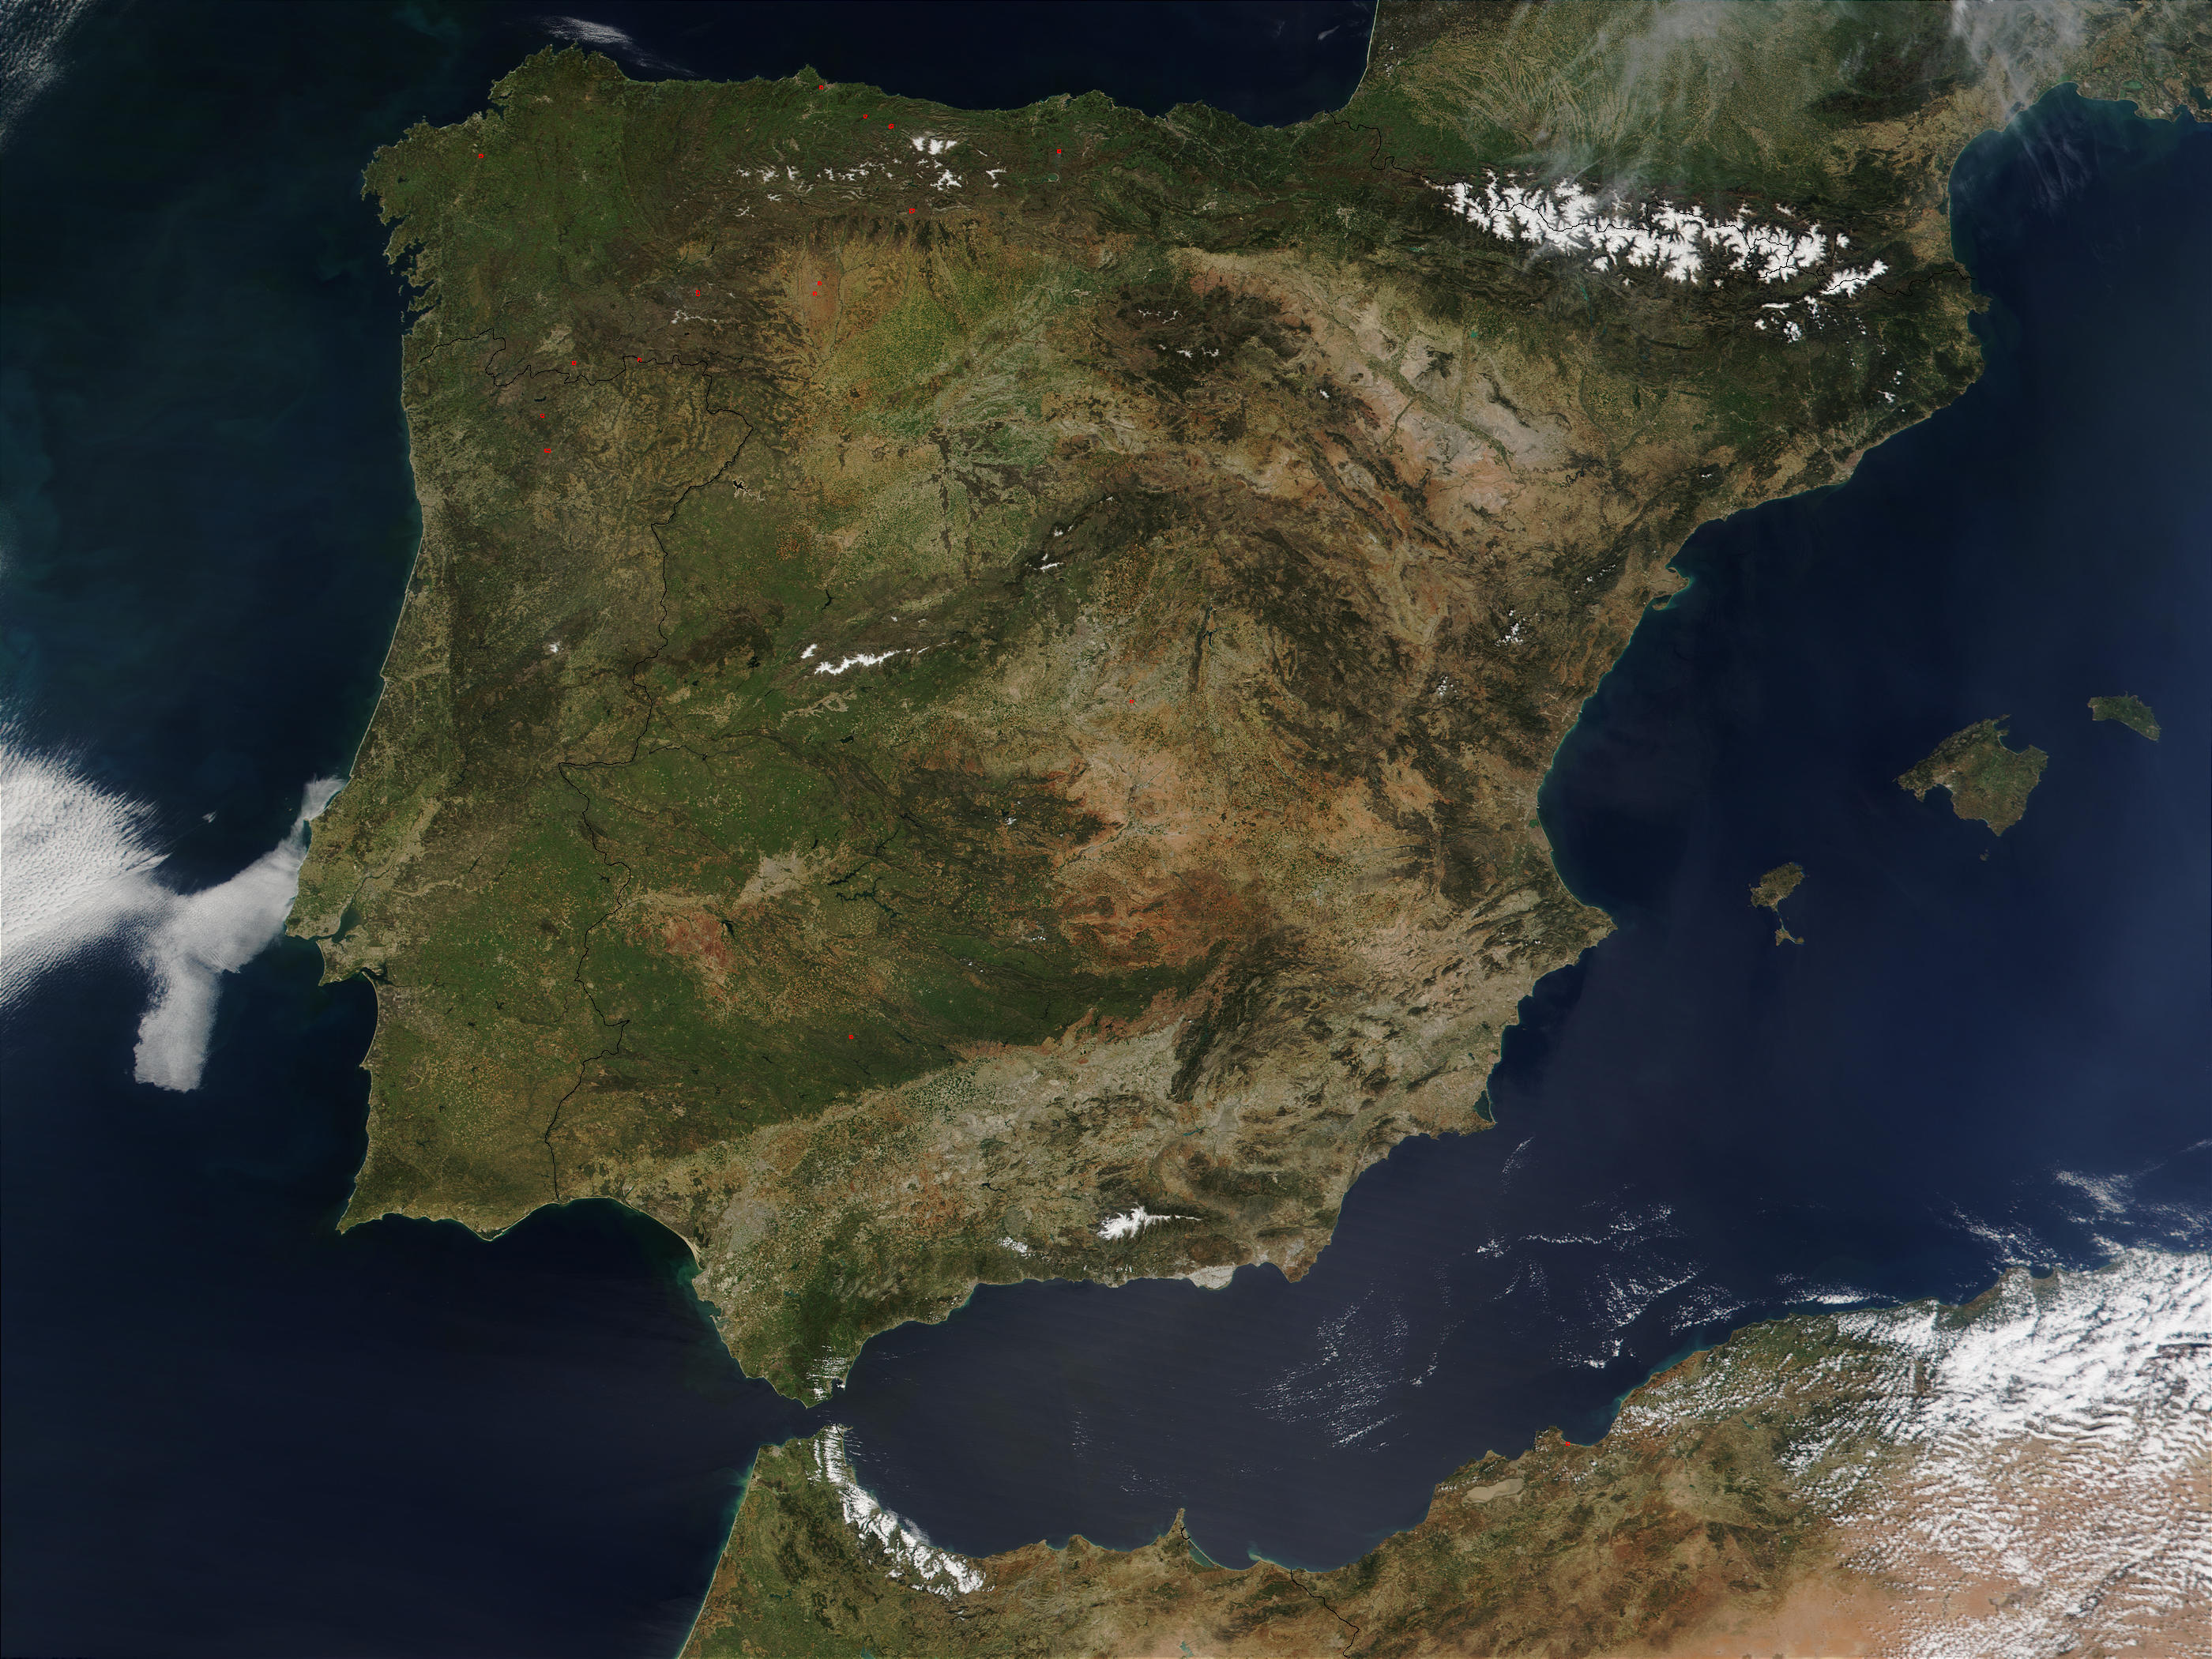 Programas Para Ver Mapas Satelitales Gratis De Todo El Mundo